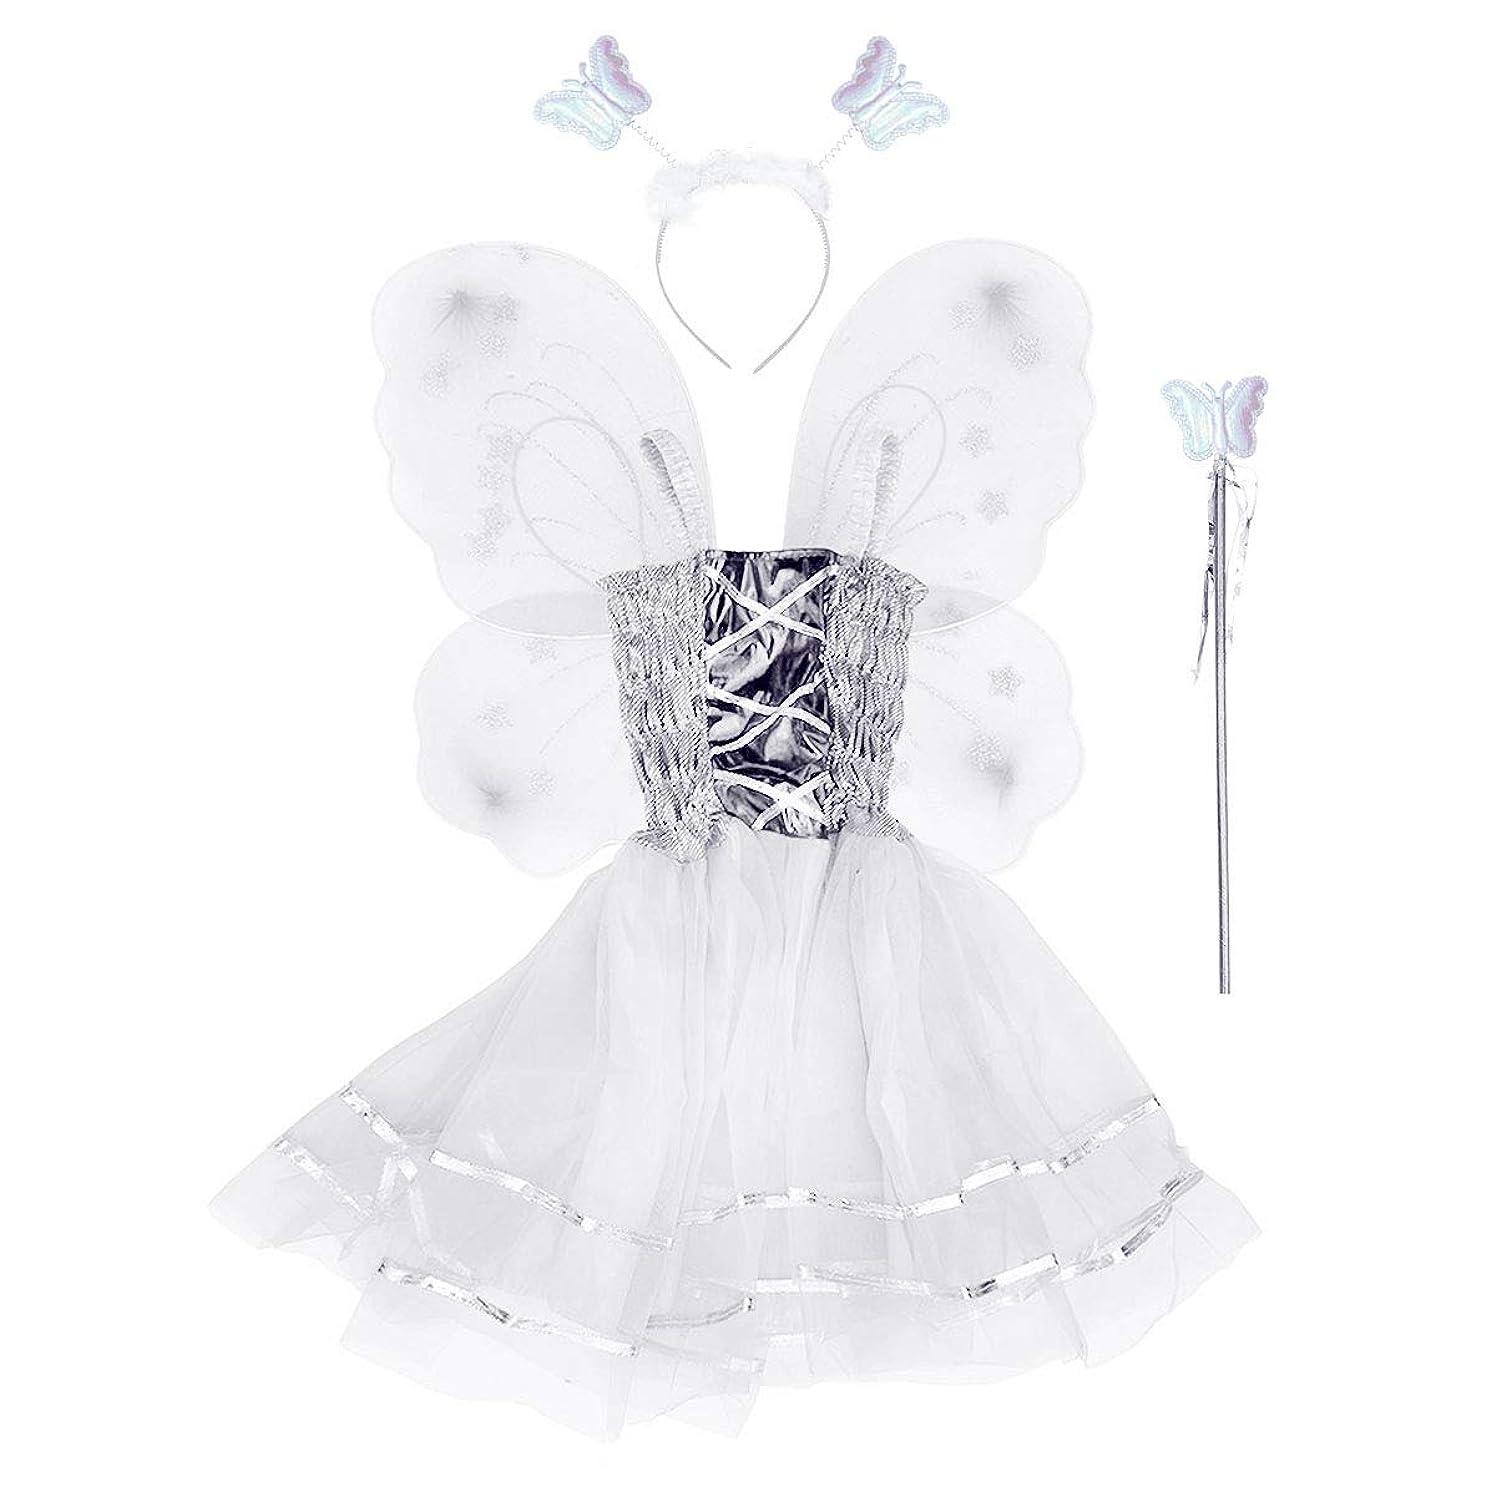 南東追放するモスクBESTOYARD 4本の女の子バタフライプリンセス妖精のコスチュームセット蝶の羽、ワンド、ヘッドバンドとツツードレス(ホワイト)